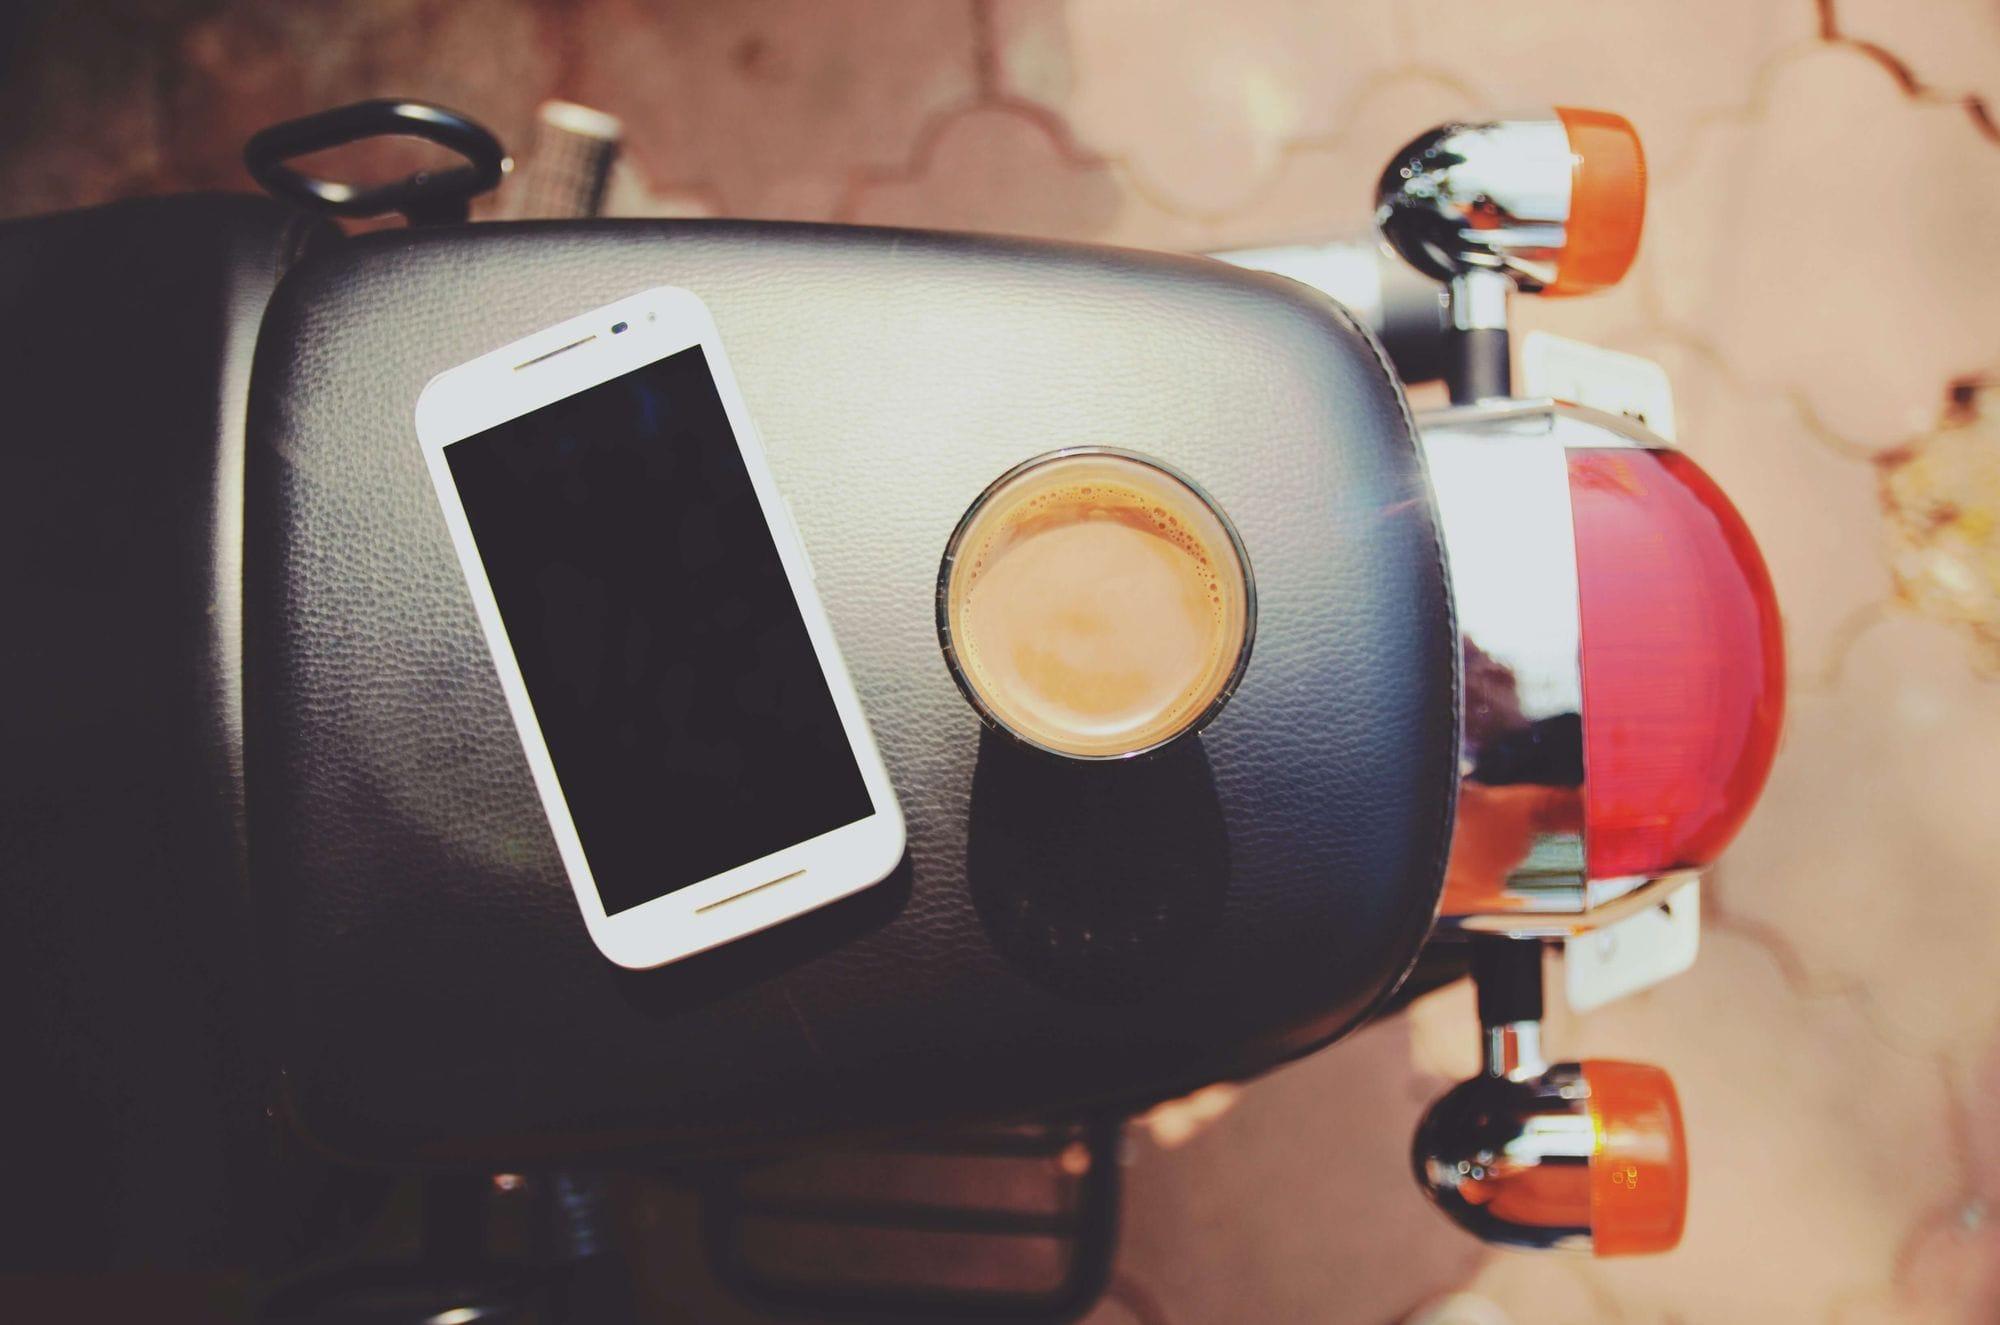 Κινητό και καφές ακουμπισμένα σε σέλα μηχανής